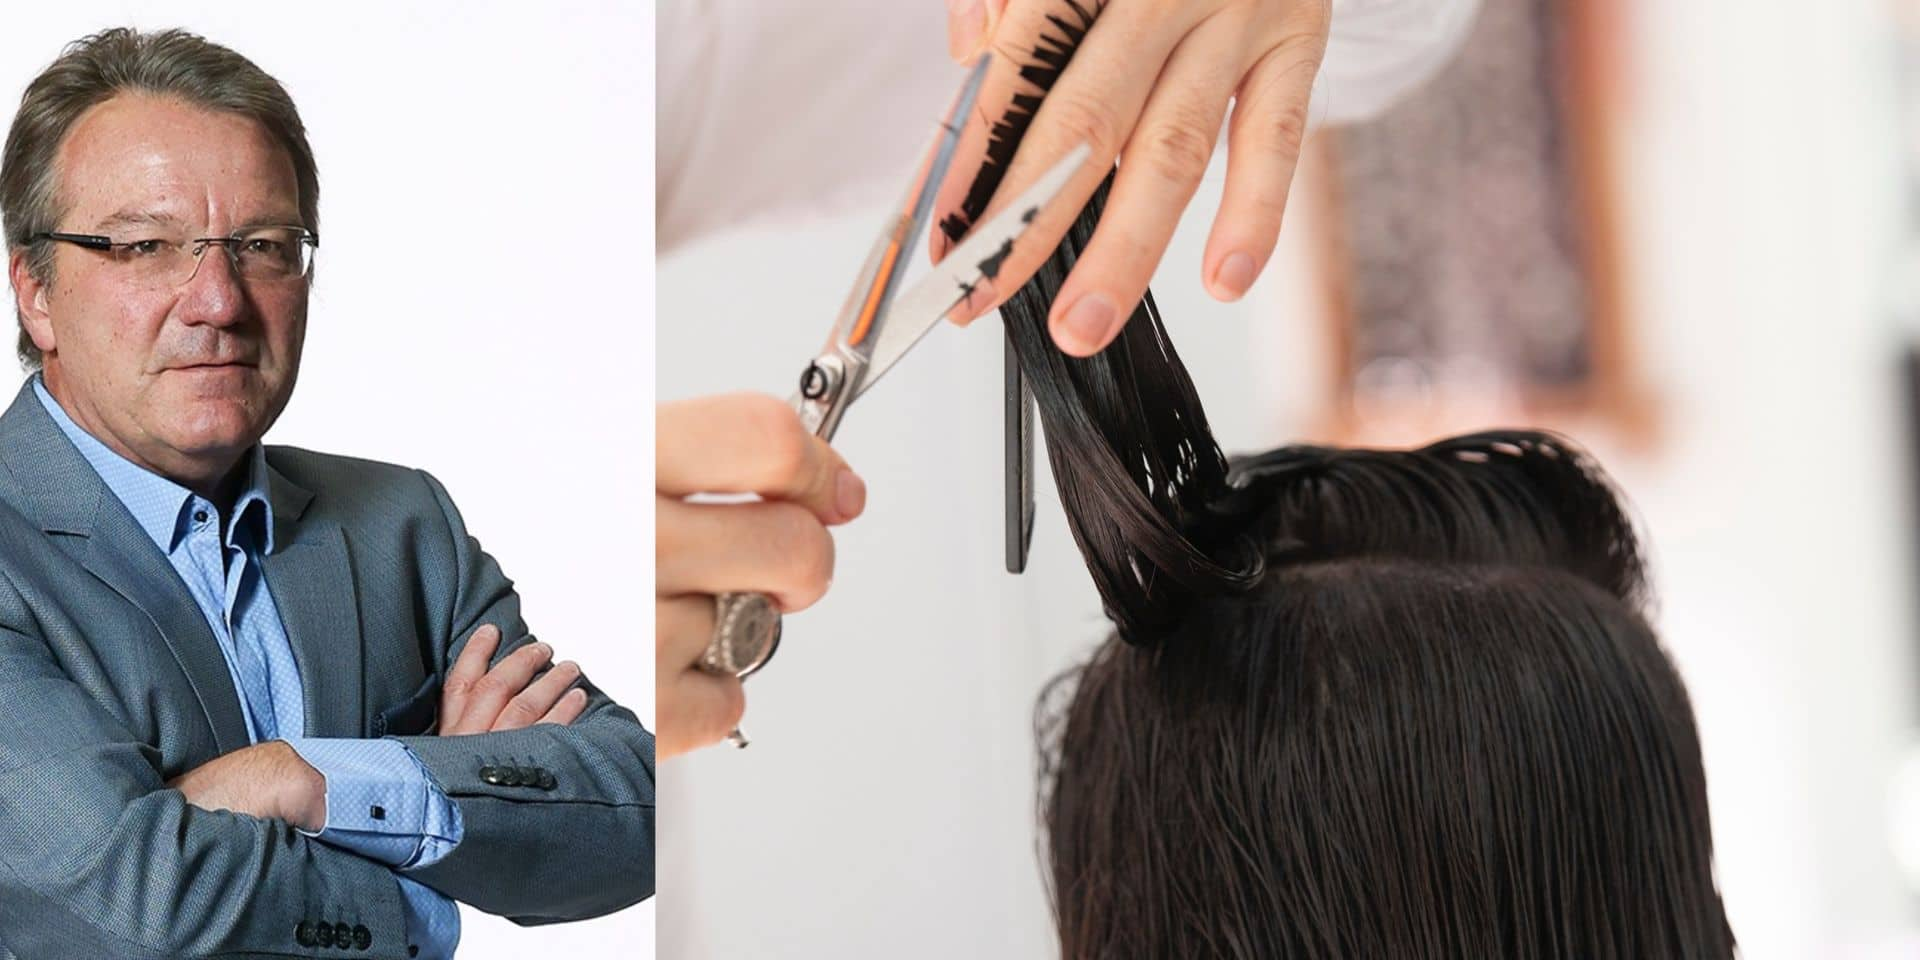 Les dégâts capillaires commencent à se voir : pour nos yeux aussi, les coiffeurs sont essentiels !